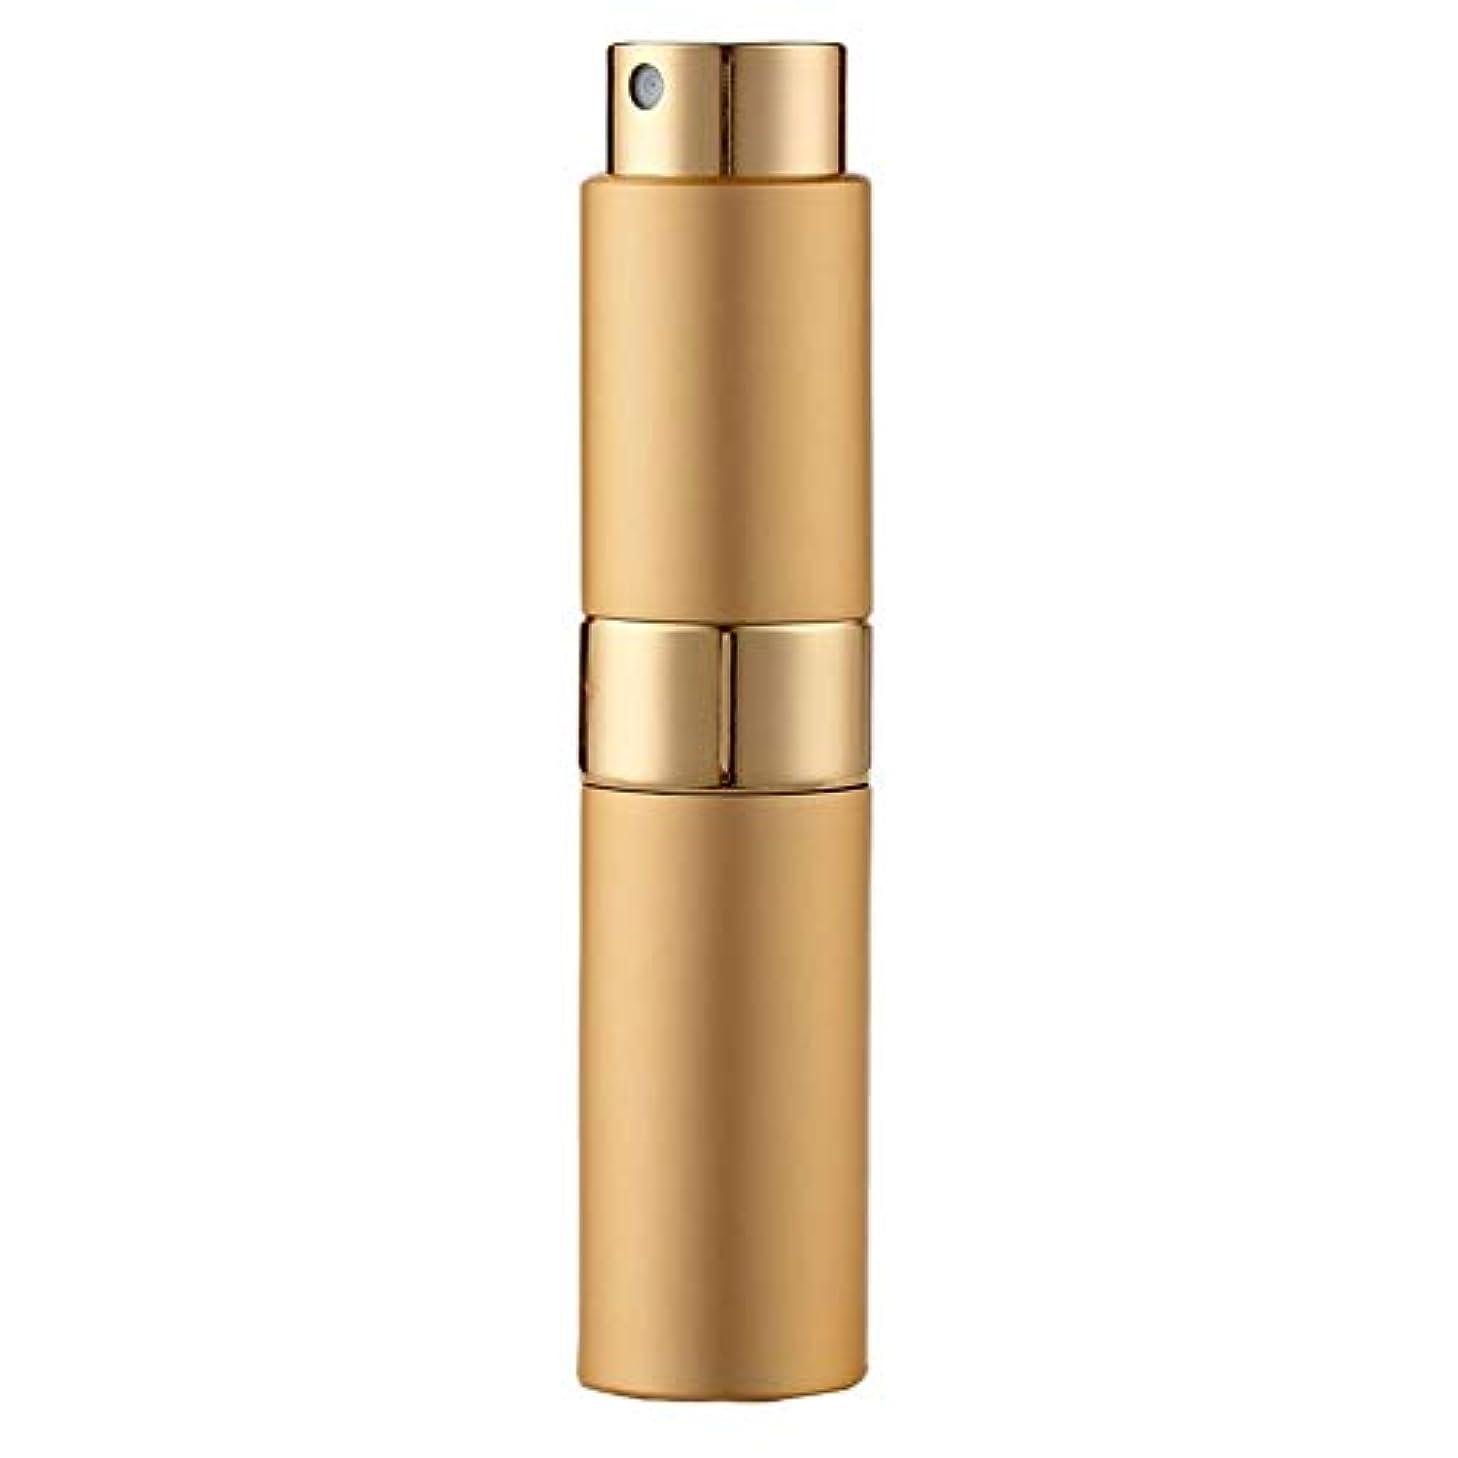 アルカトラズ島ハンバーガーみLadygogo 香水アトマイザーセット 回転プッシュ式 スプレー ボトル 香水スプレー 詰め替え 持ち運び 身だしなみ 携帯用 男女兼用 (ゴールド)